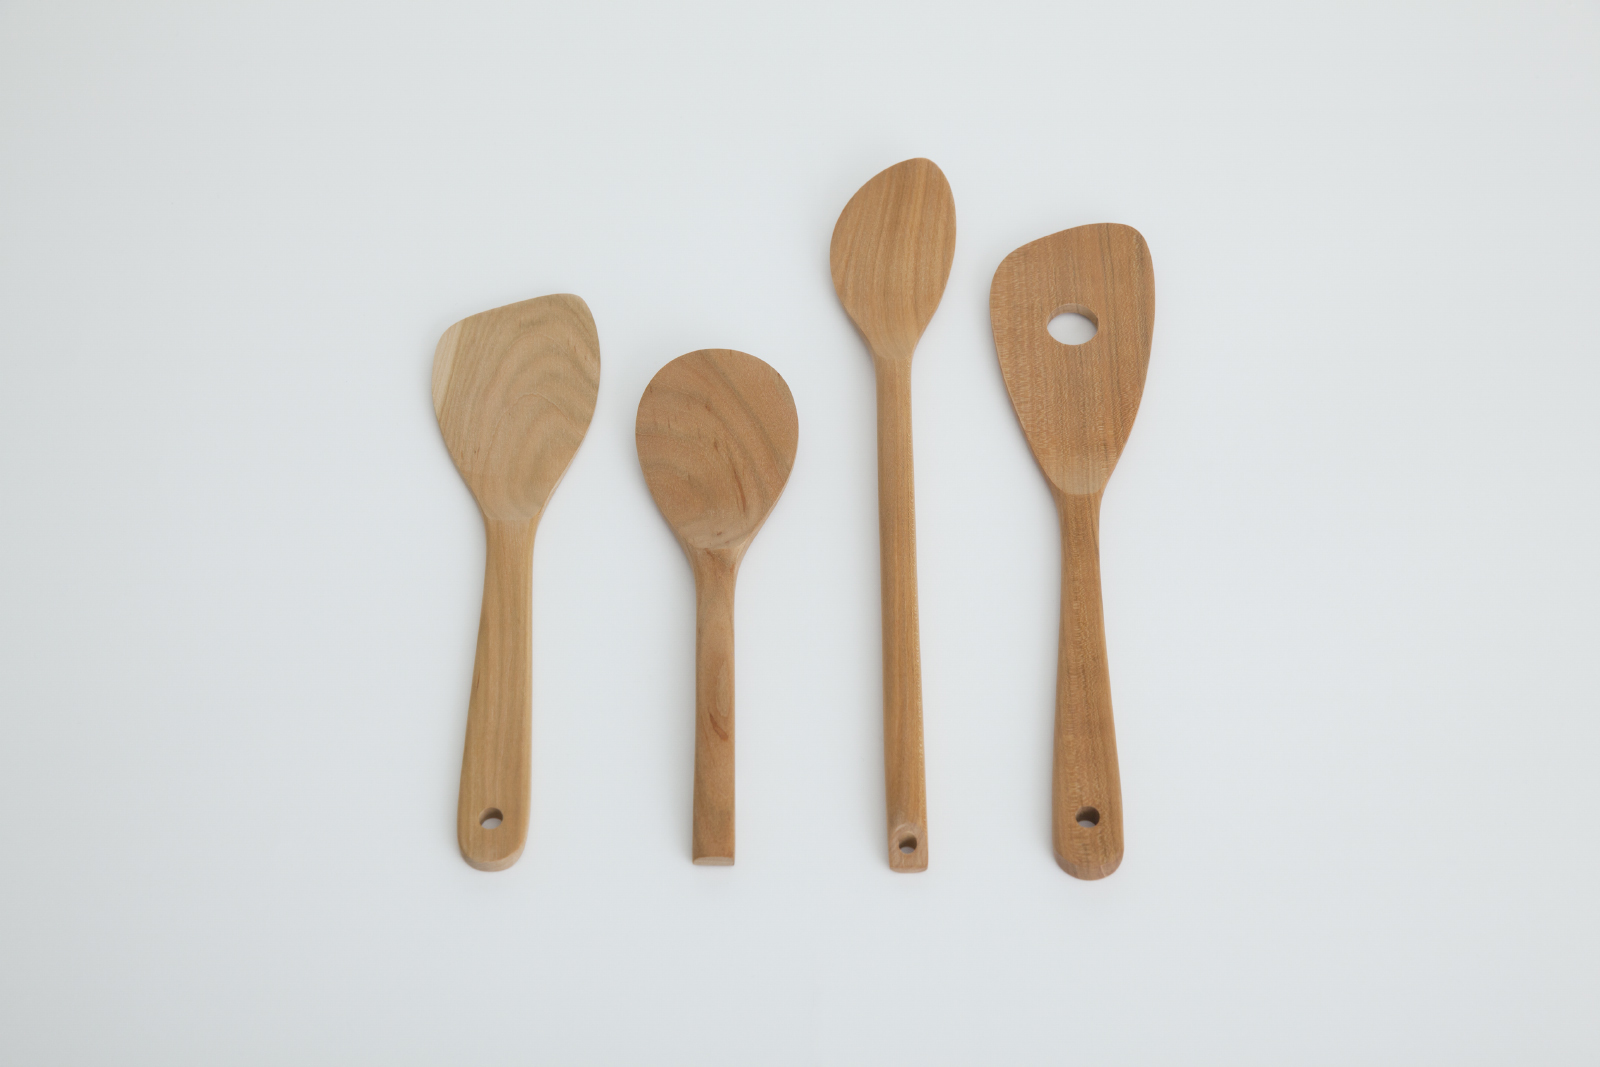 宮島工芸製作所・調理用木製品  杓子